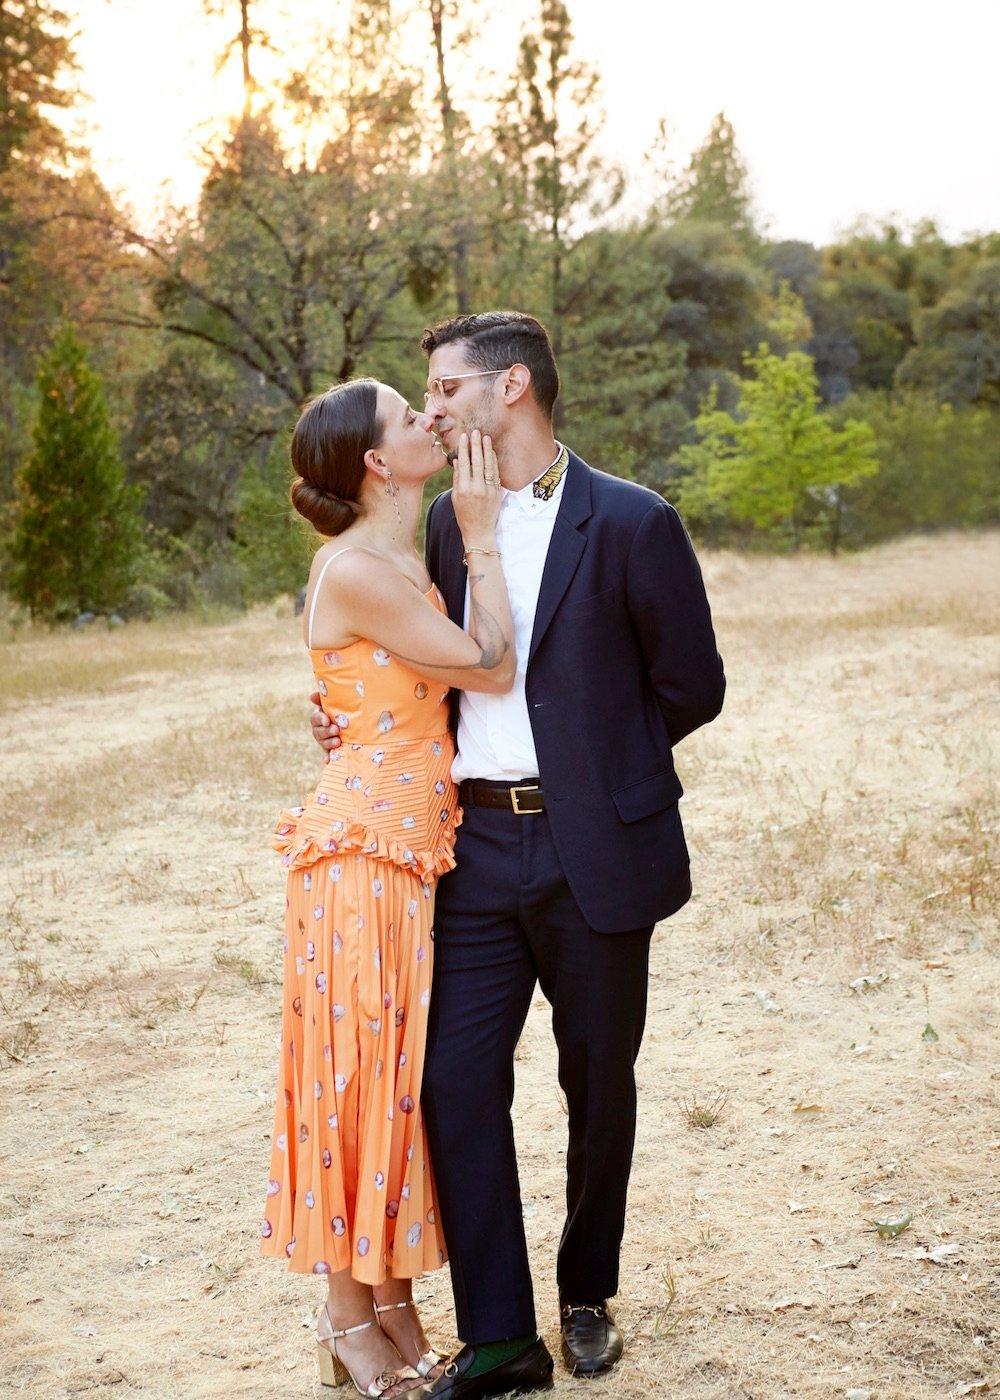 Caitlin Mociun's wedding